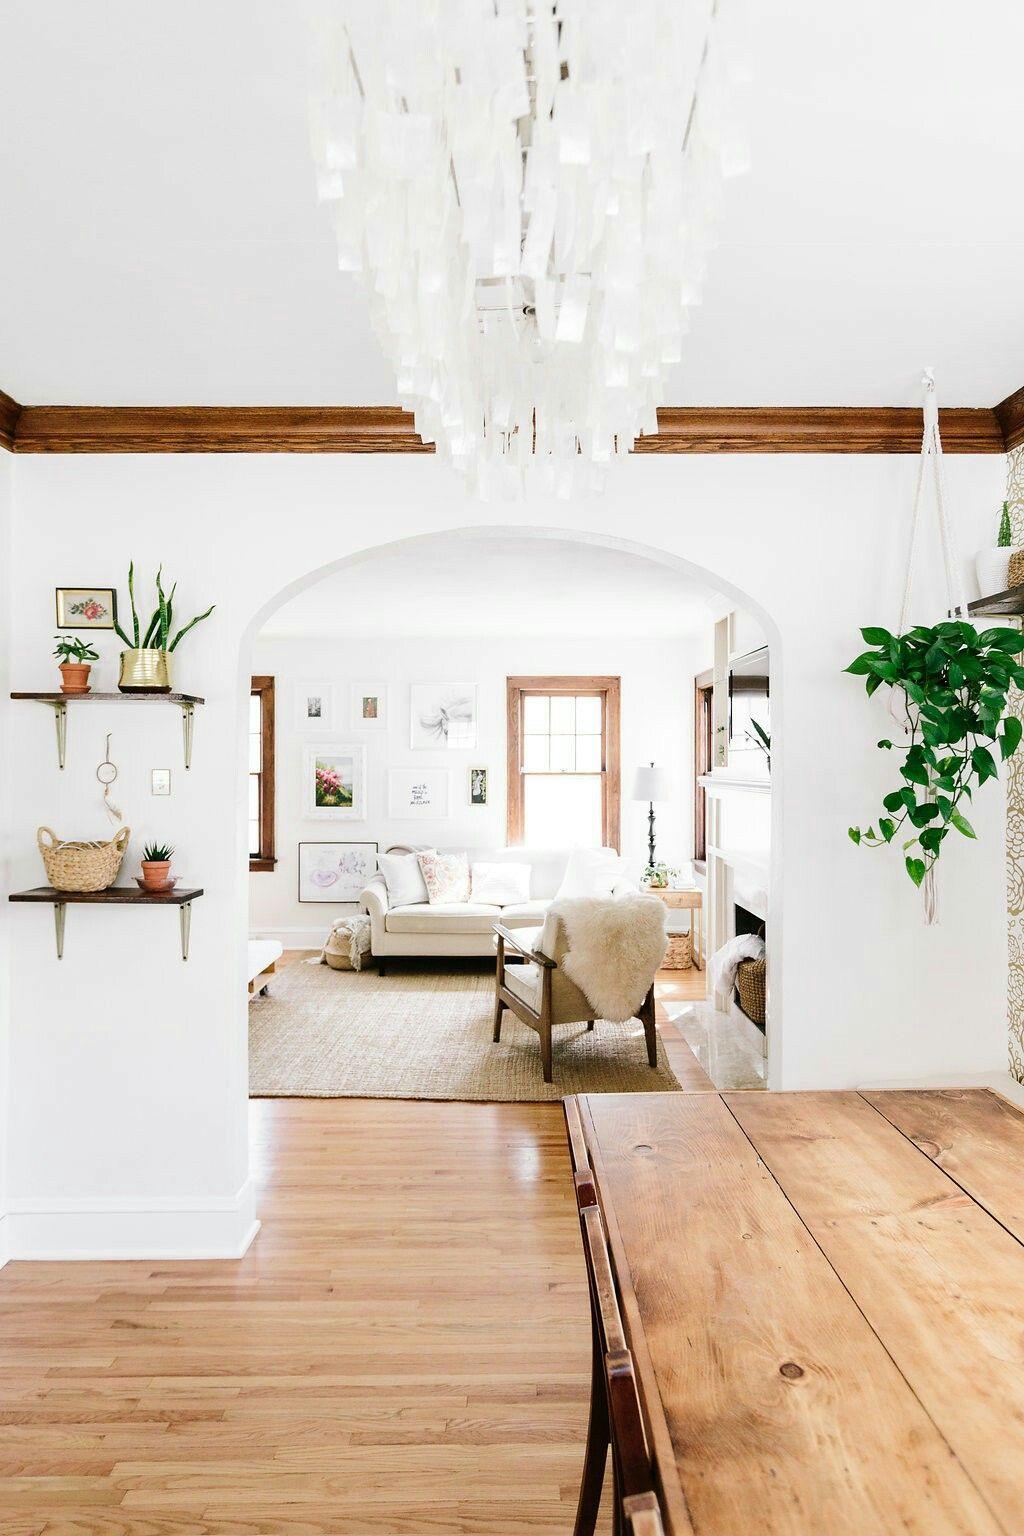 Pin von fresh wood studio auf happy home | Pinterest